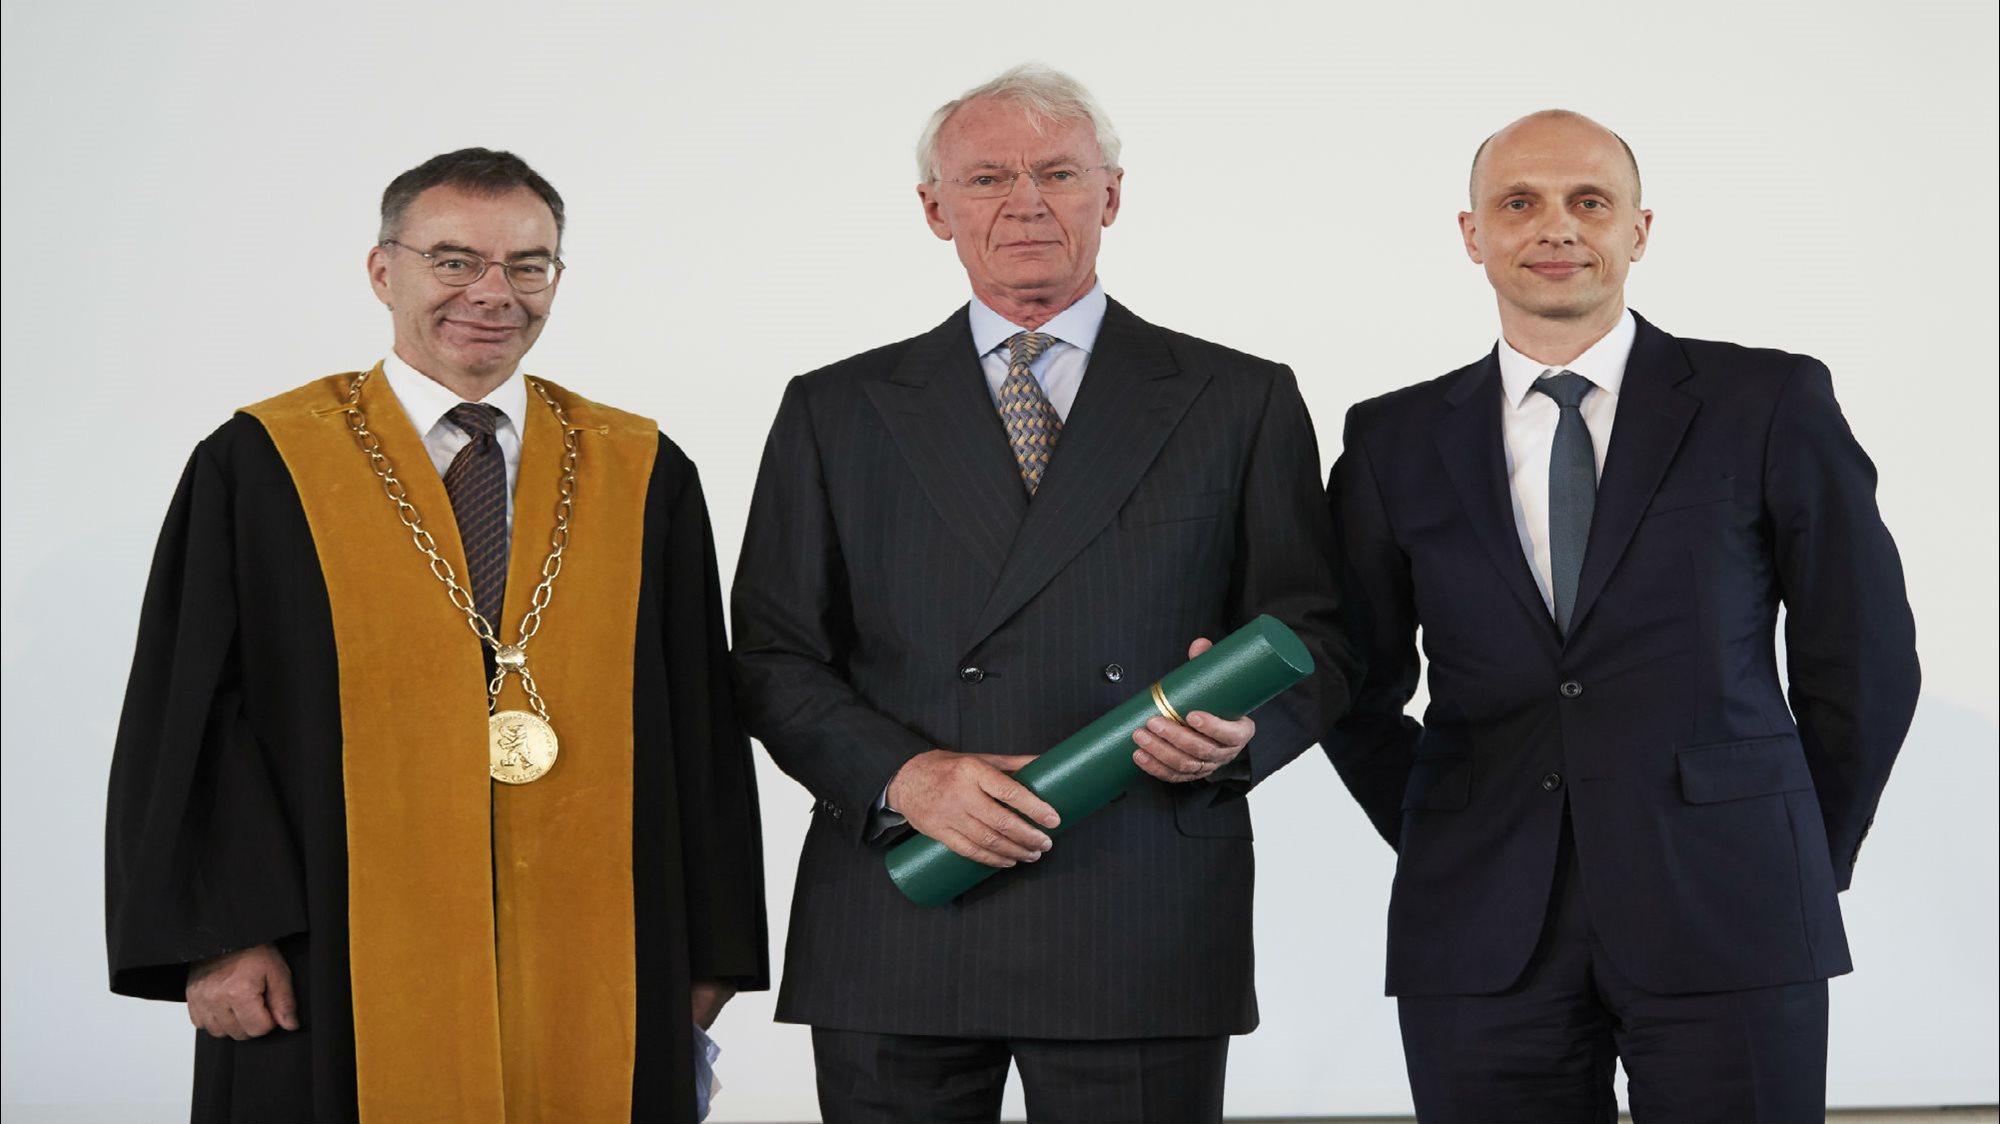 Dies Academicus 2017